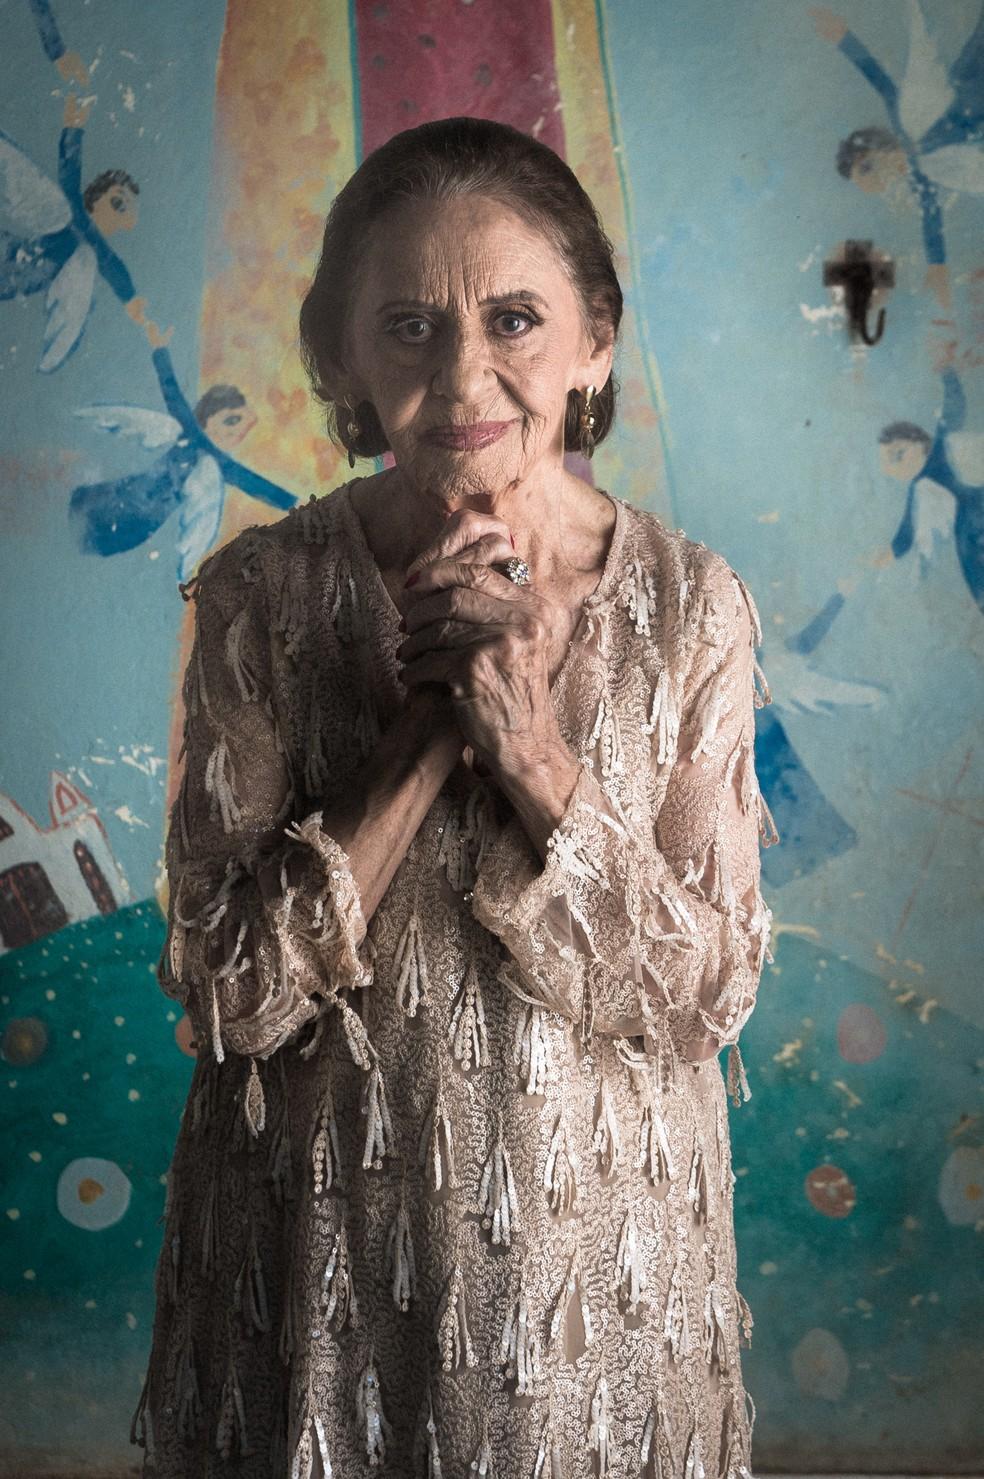 Laura Cardoso entra em 'A Dona do Pedaço' como Matilde   A Dona do Pedaço